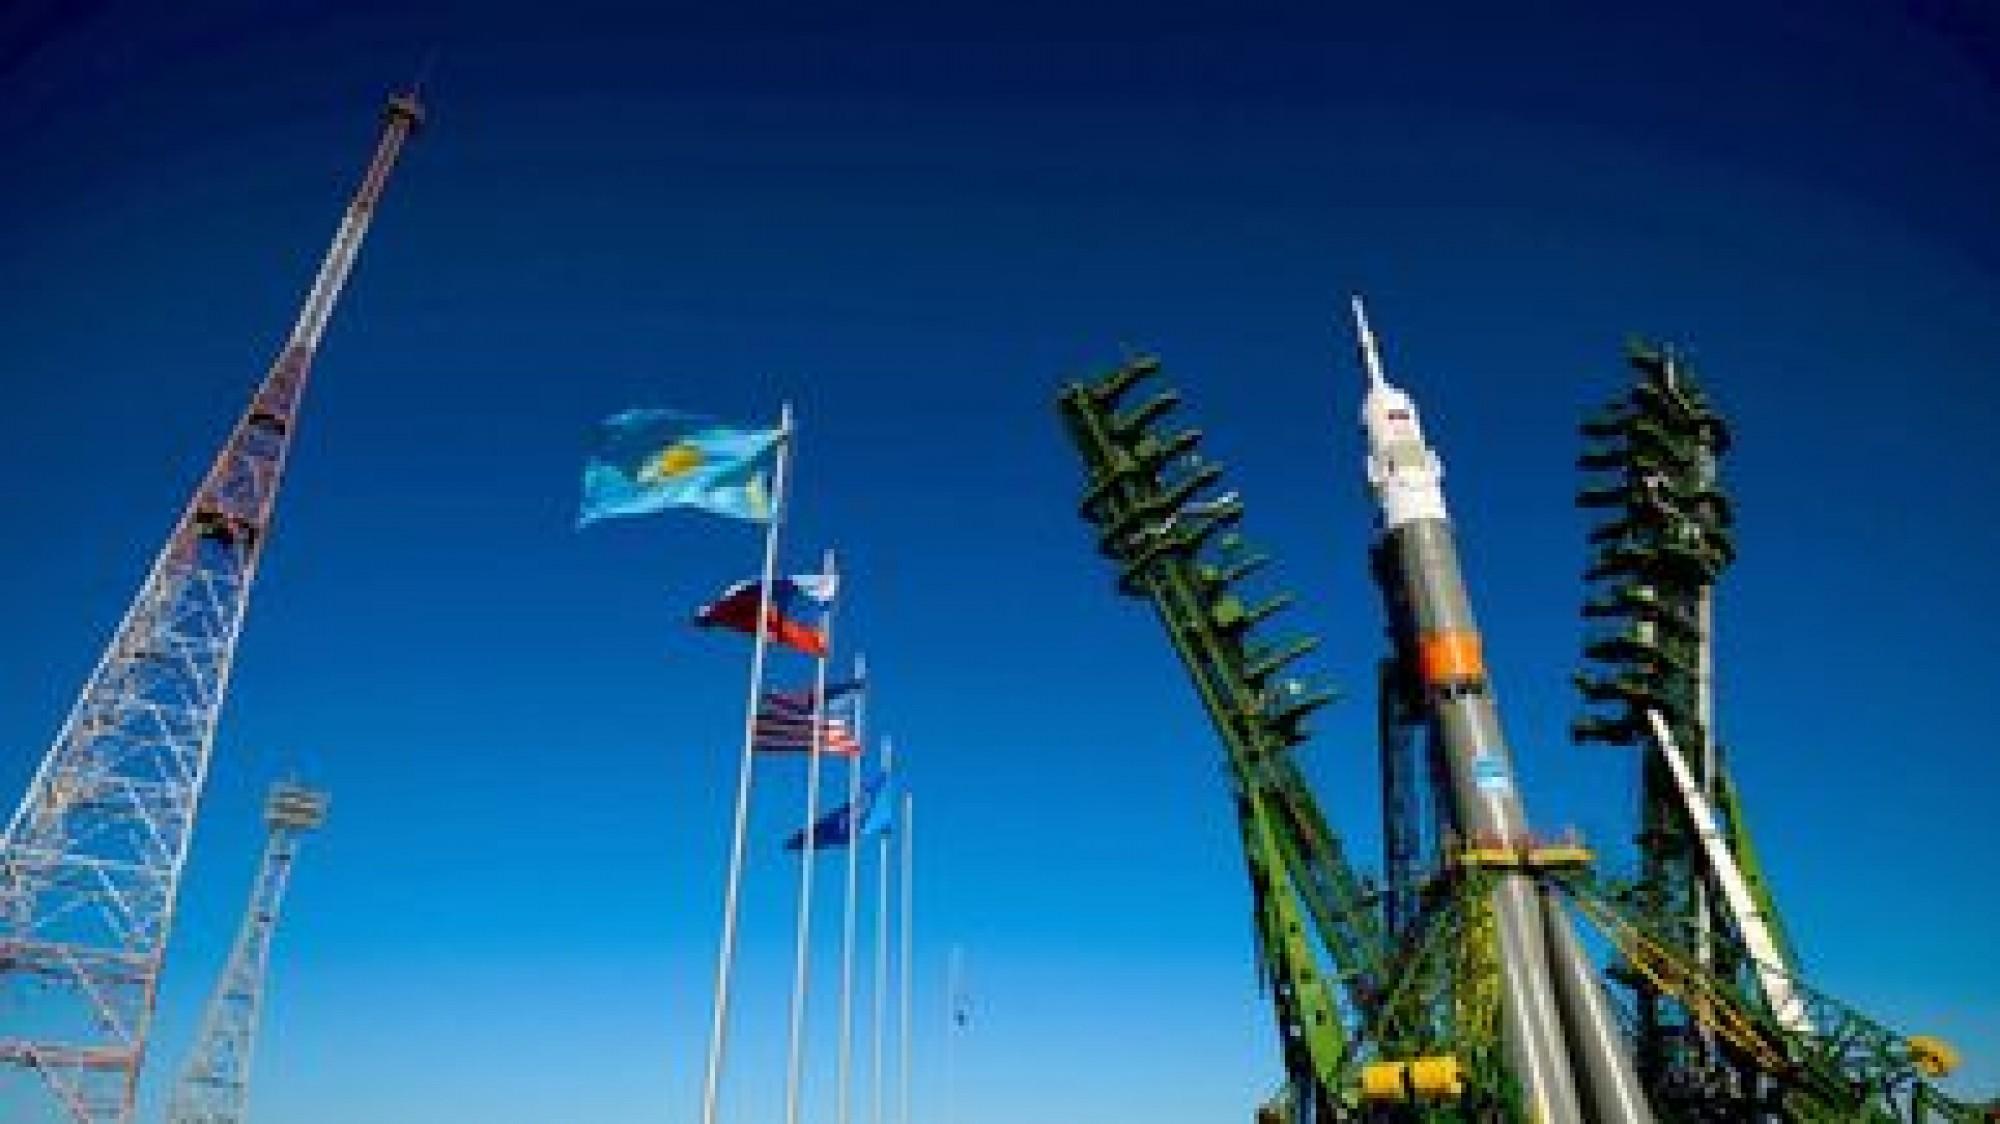 Касым-Жомарт Токаев подписал протокол к соглашению с Россией о статусе города Байконура